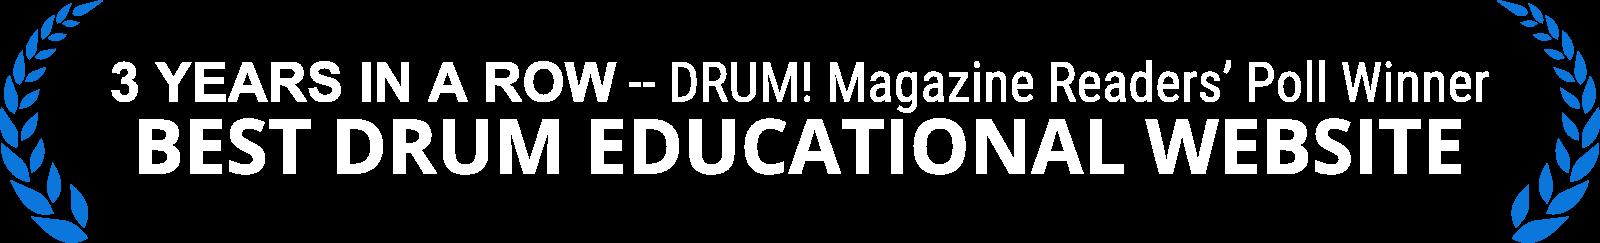 Best Drum Educational Website - DRUM! Magazine